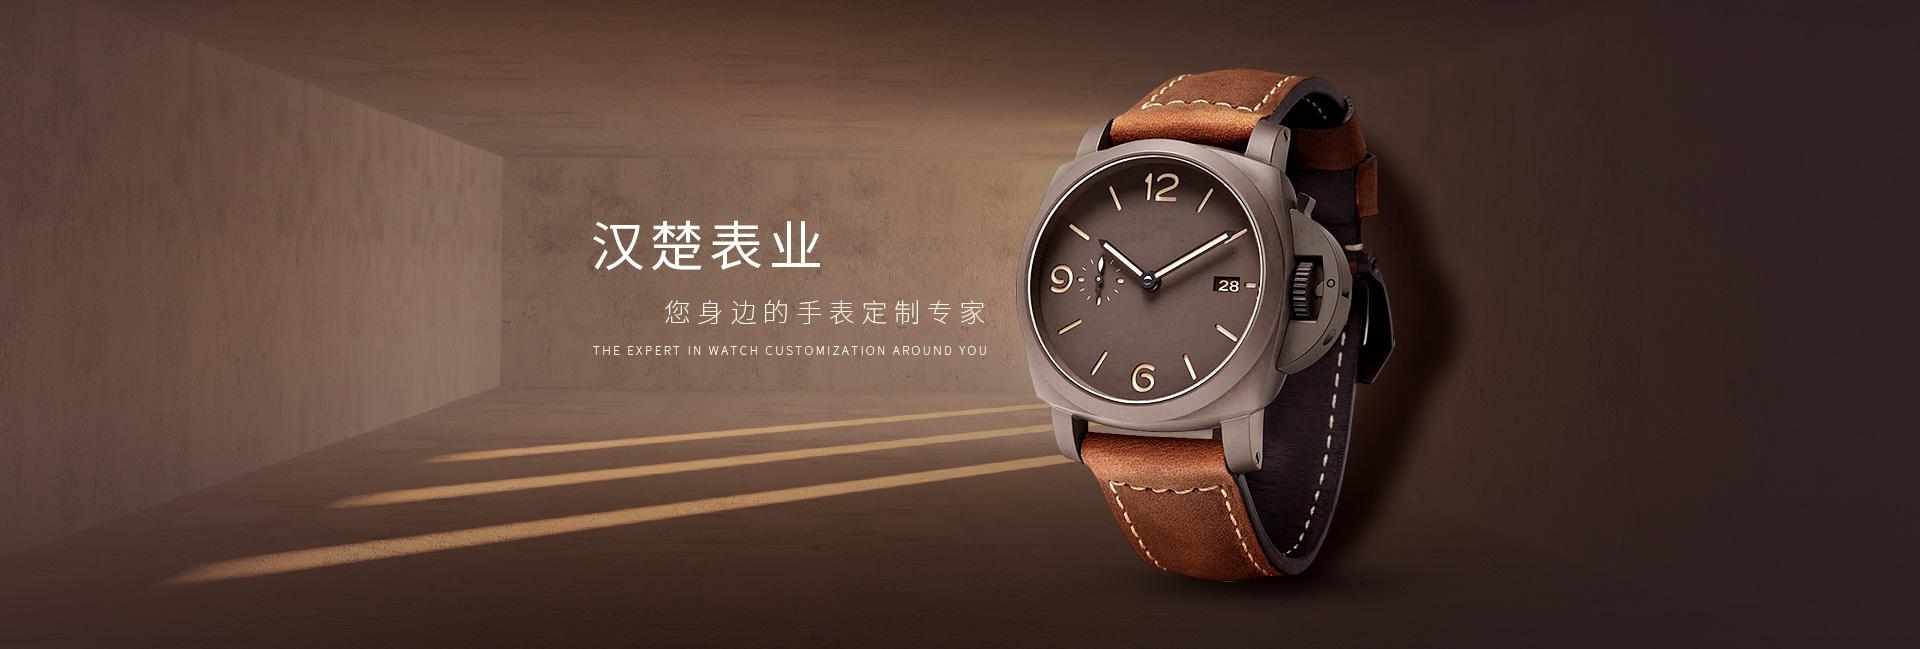 汉楚表业您身边的手表定制专家